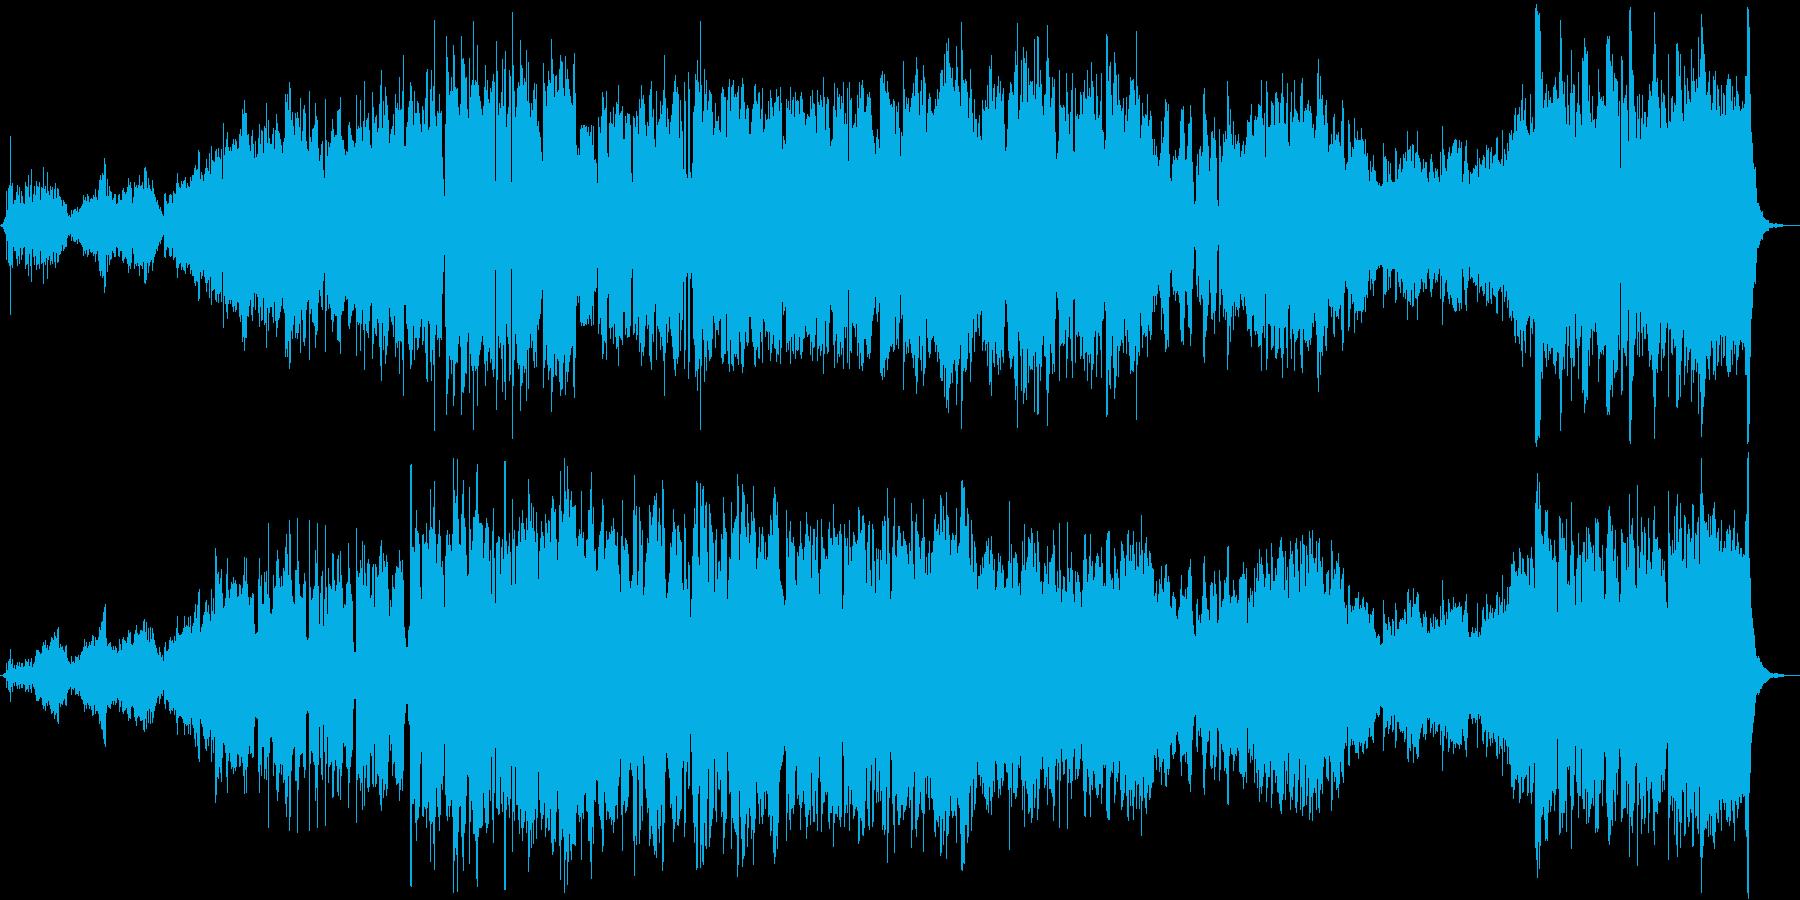 異国の雰囲気が漂う幻想的な木管五重奏の再生済みの波形